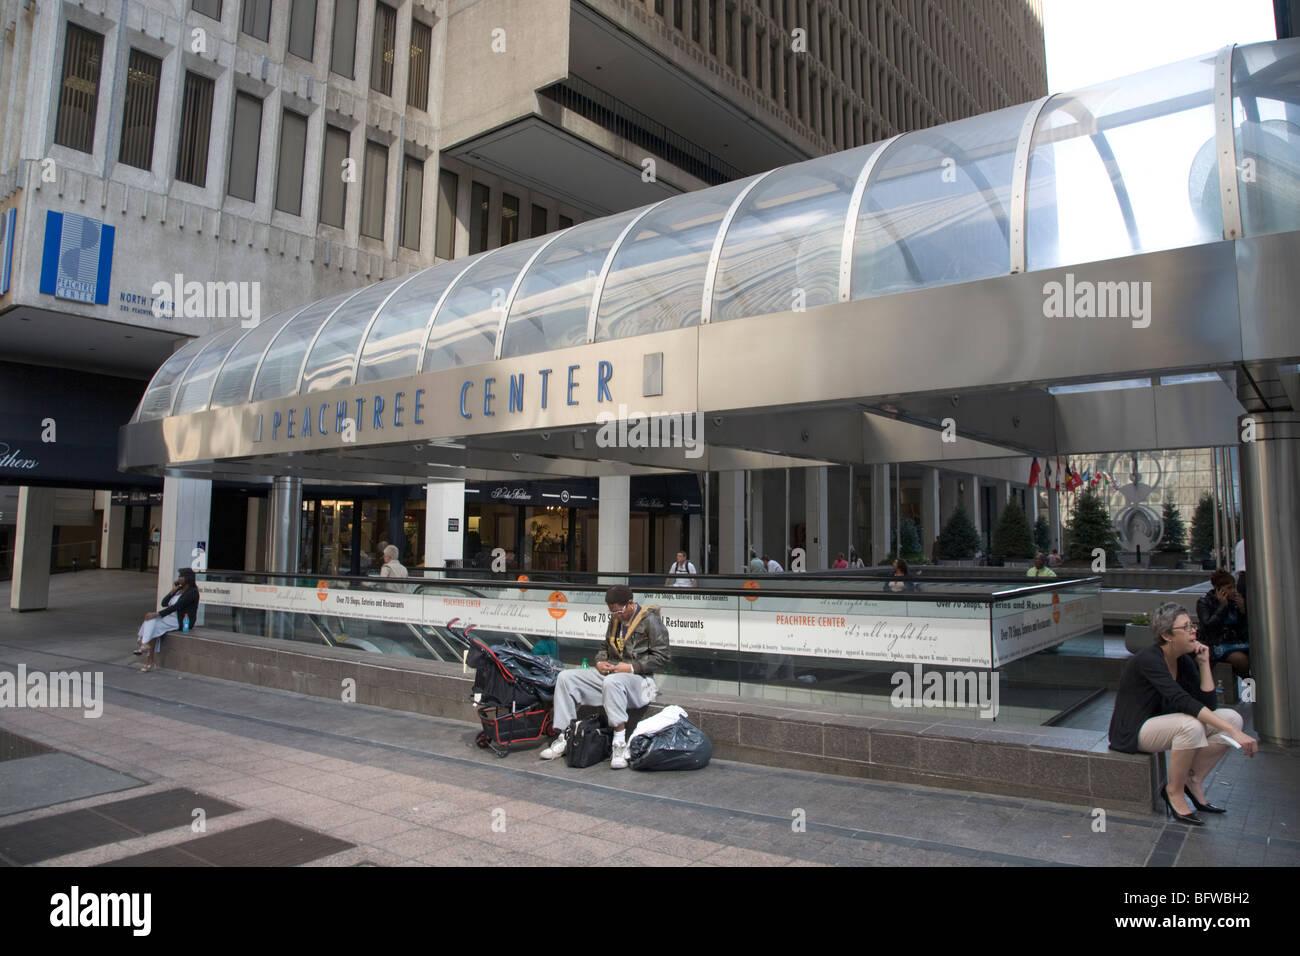 Peachtree Shopping Center Atlanta - Stock Image